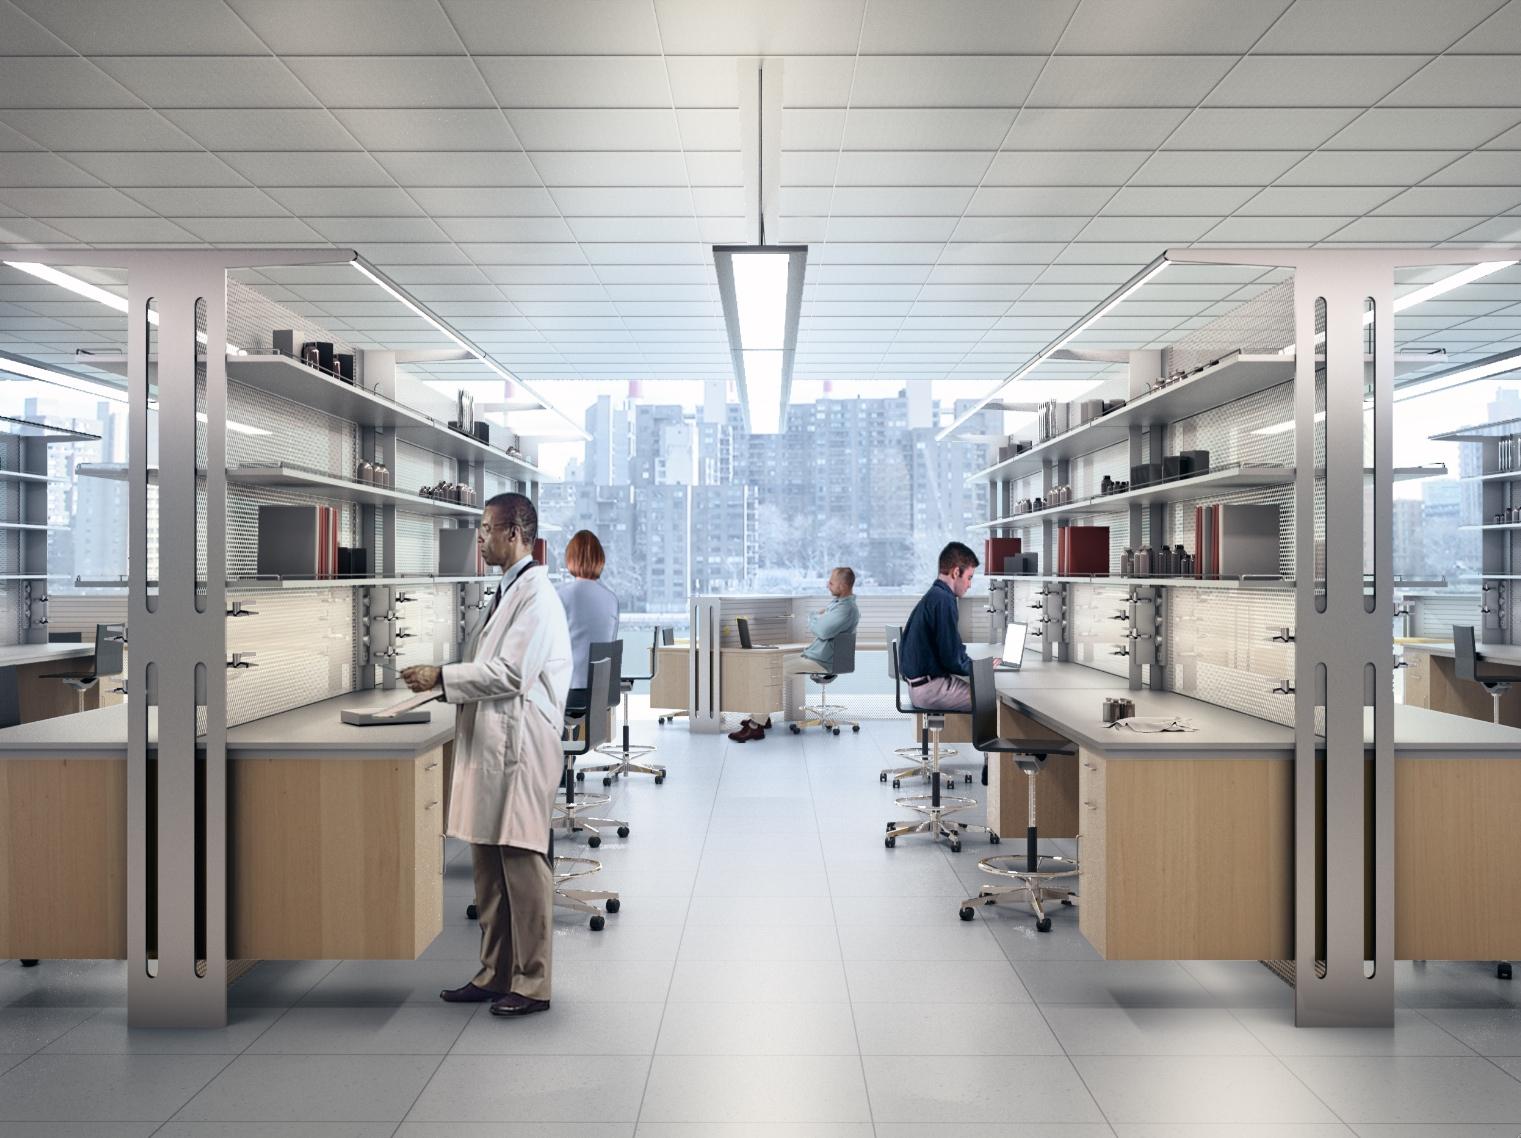 Laboratorio di ricerca, come progettare uno spazio efficiente e scalabile